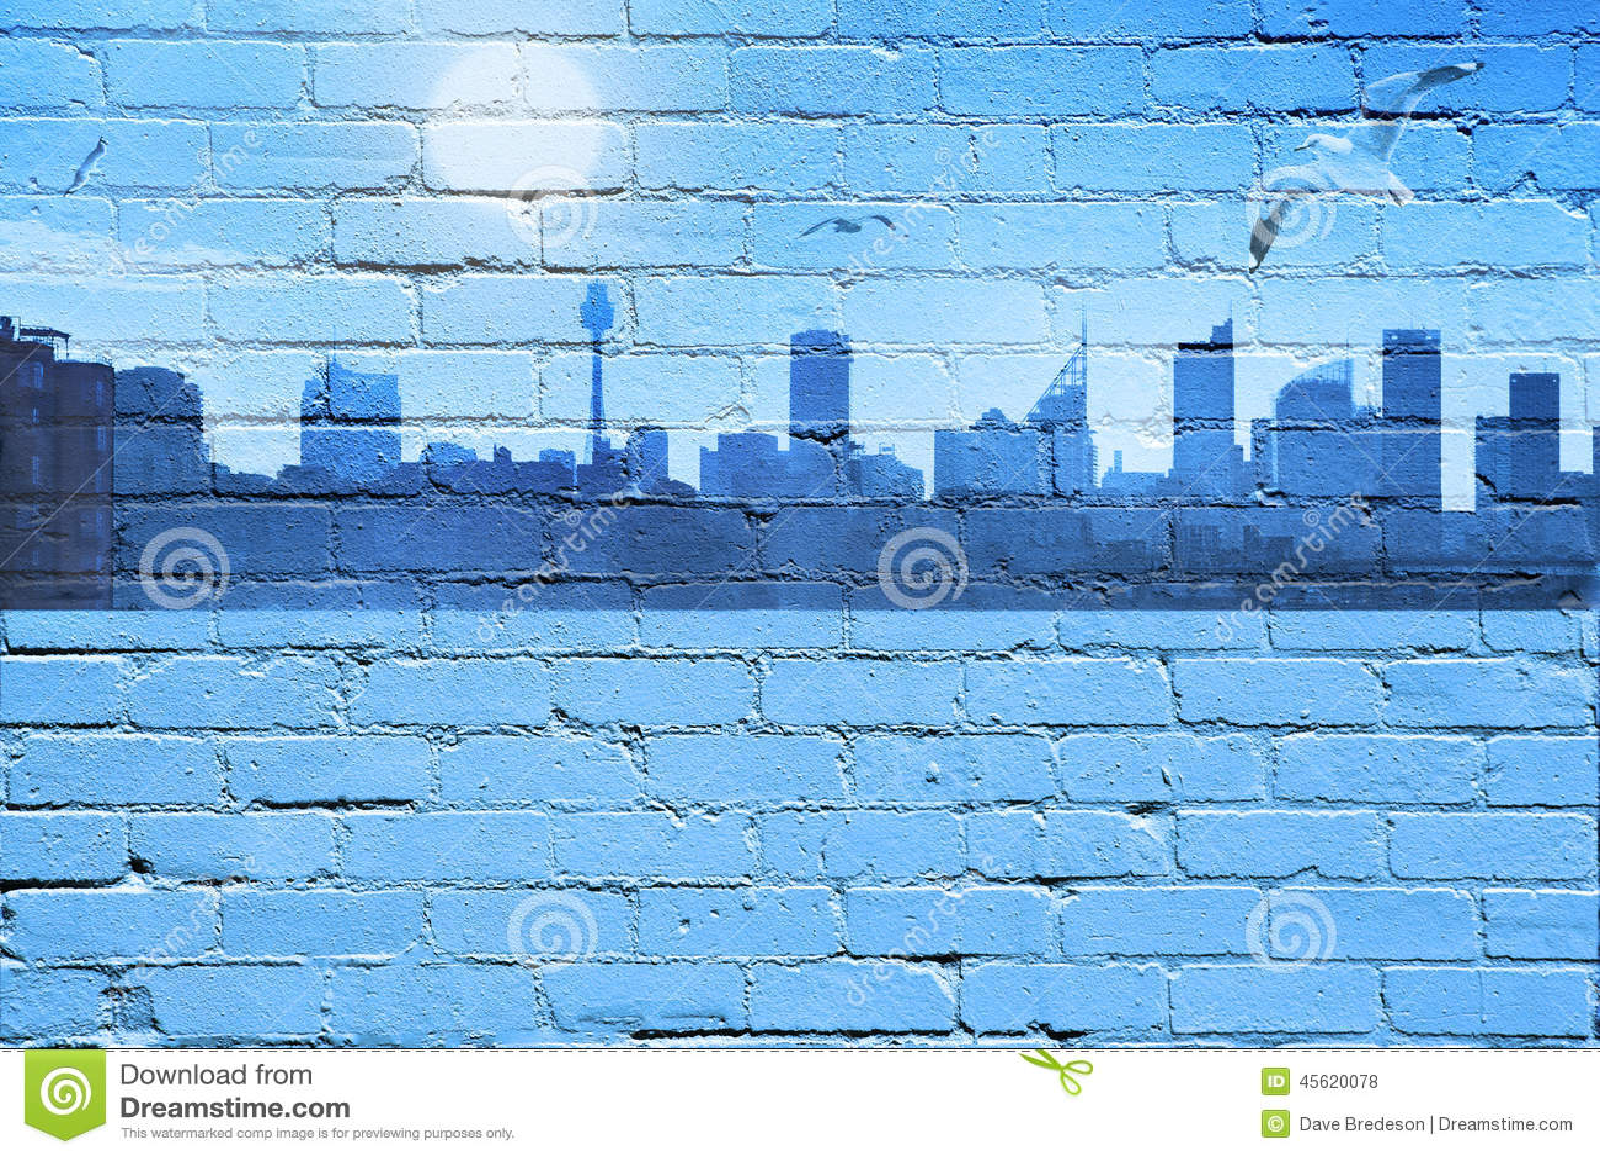 City Skyline Background Stock Photo Image 45620078